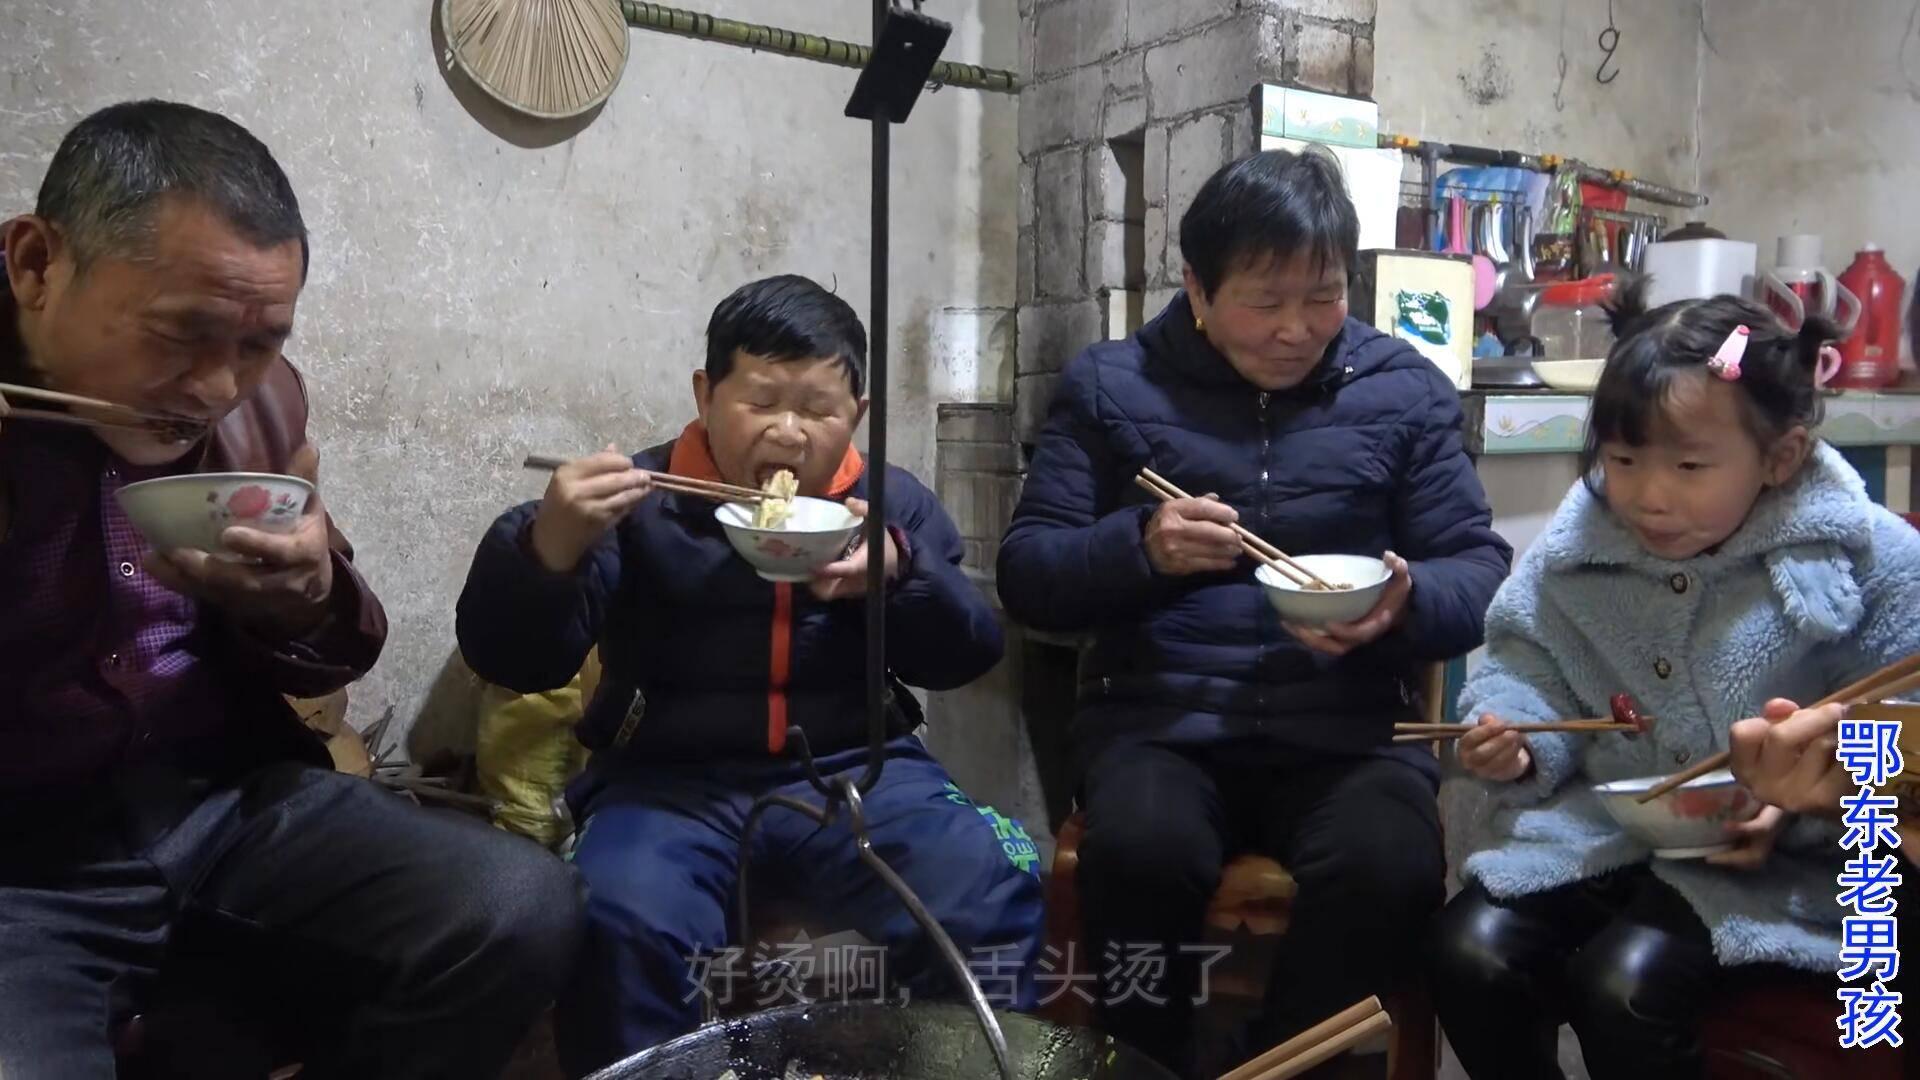 湖北农村的元宵节,因为疫情变得不一样,老男孩一家炖羊肉吃吊锅